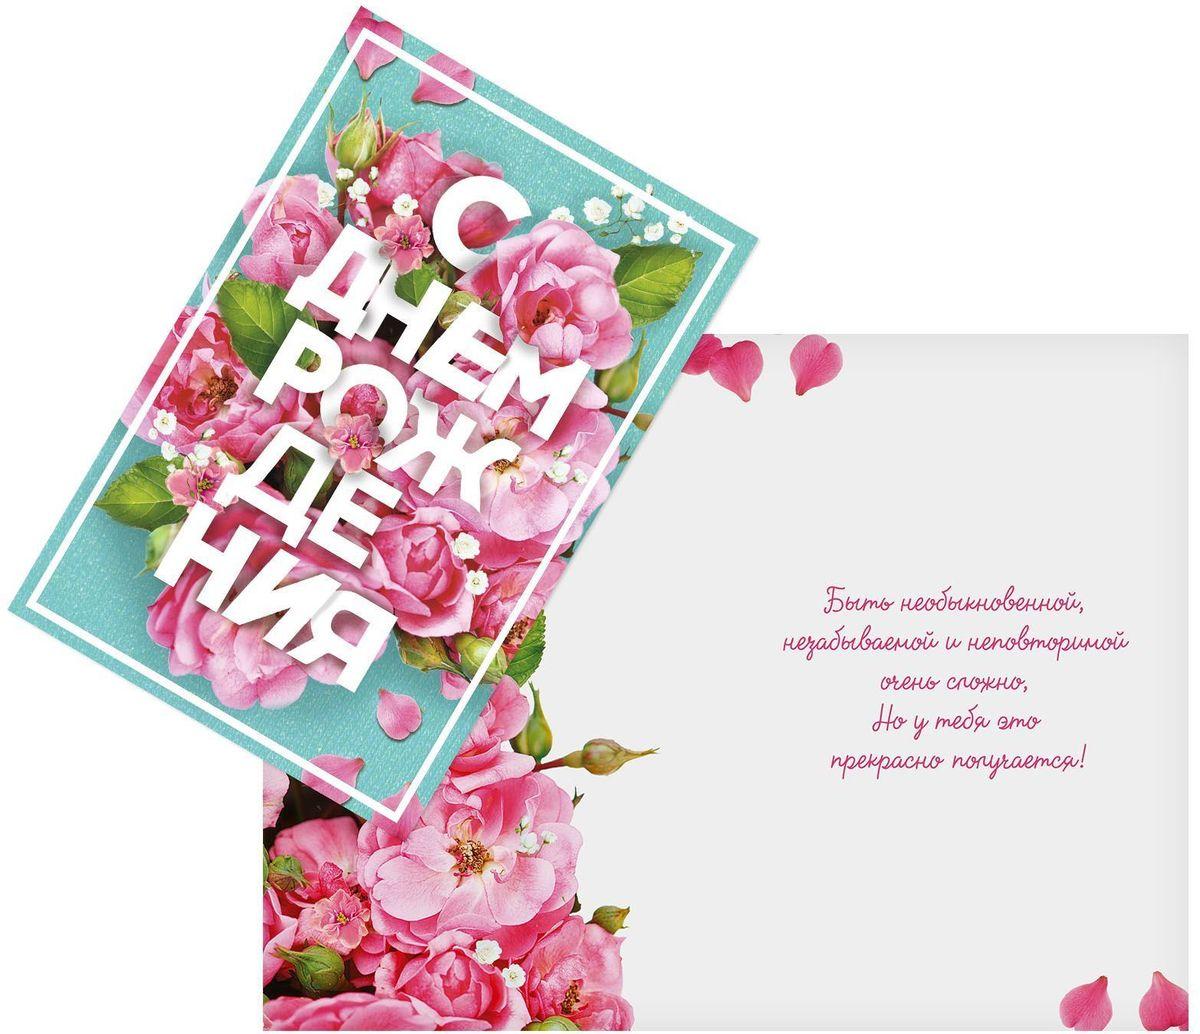 Открытка Дарите cчастье Буквы на цветах, 12 х 18 см1744808Атмосферу праздника создают детали: свечи, цветы, бокалы, воздушные шары и поздравительные открытки - яркие и весёлые, романтичные и нежные, милые и трогательные.Расскажите о своих чувствах дорогому для вас человеку, поделитесь радостью с близкими и друзьями. Открытка с креативным дизайном вам в этом поможет.